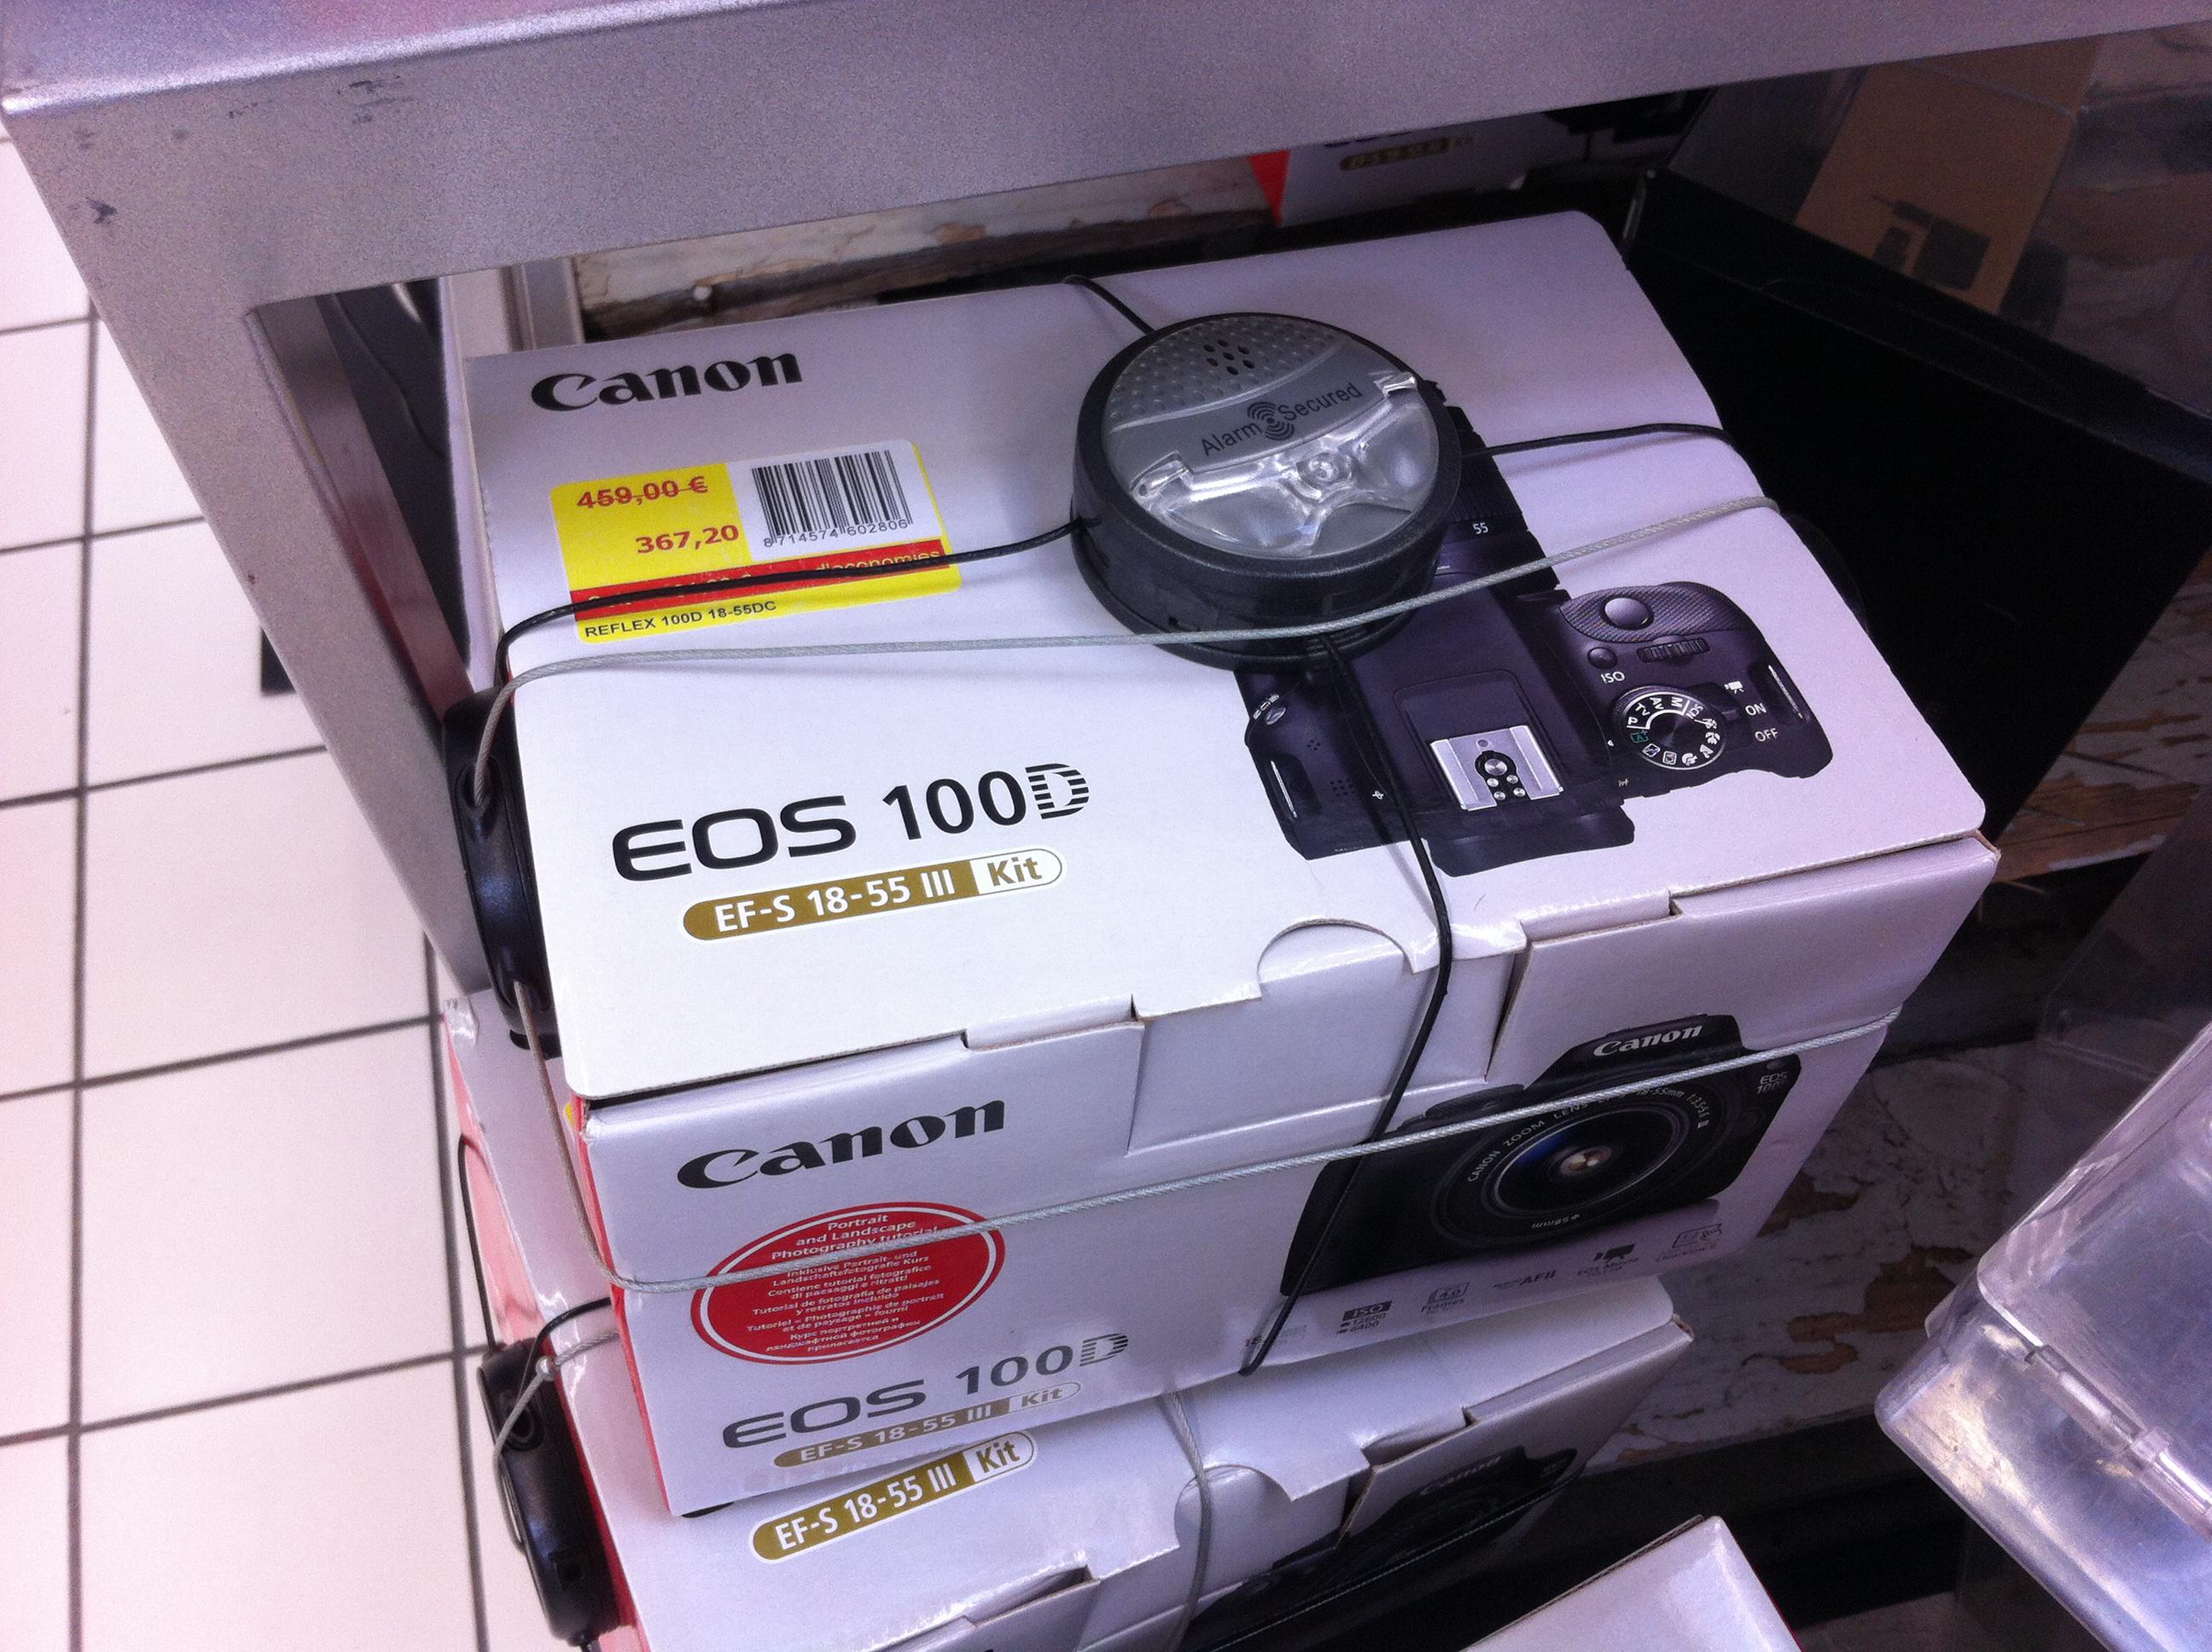 Reflex Canon 100D + Obj. Canon EF-S III 18 - 55 mm f/3.5 - 5.6